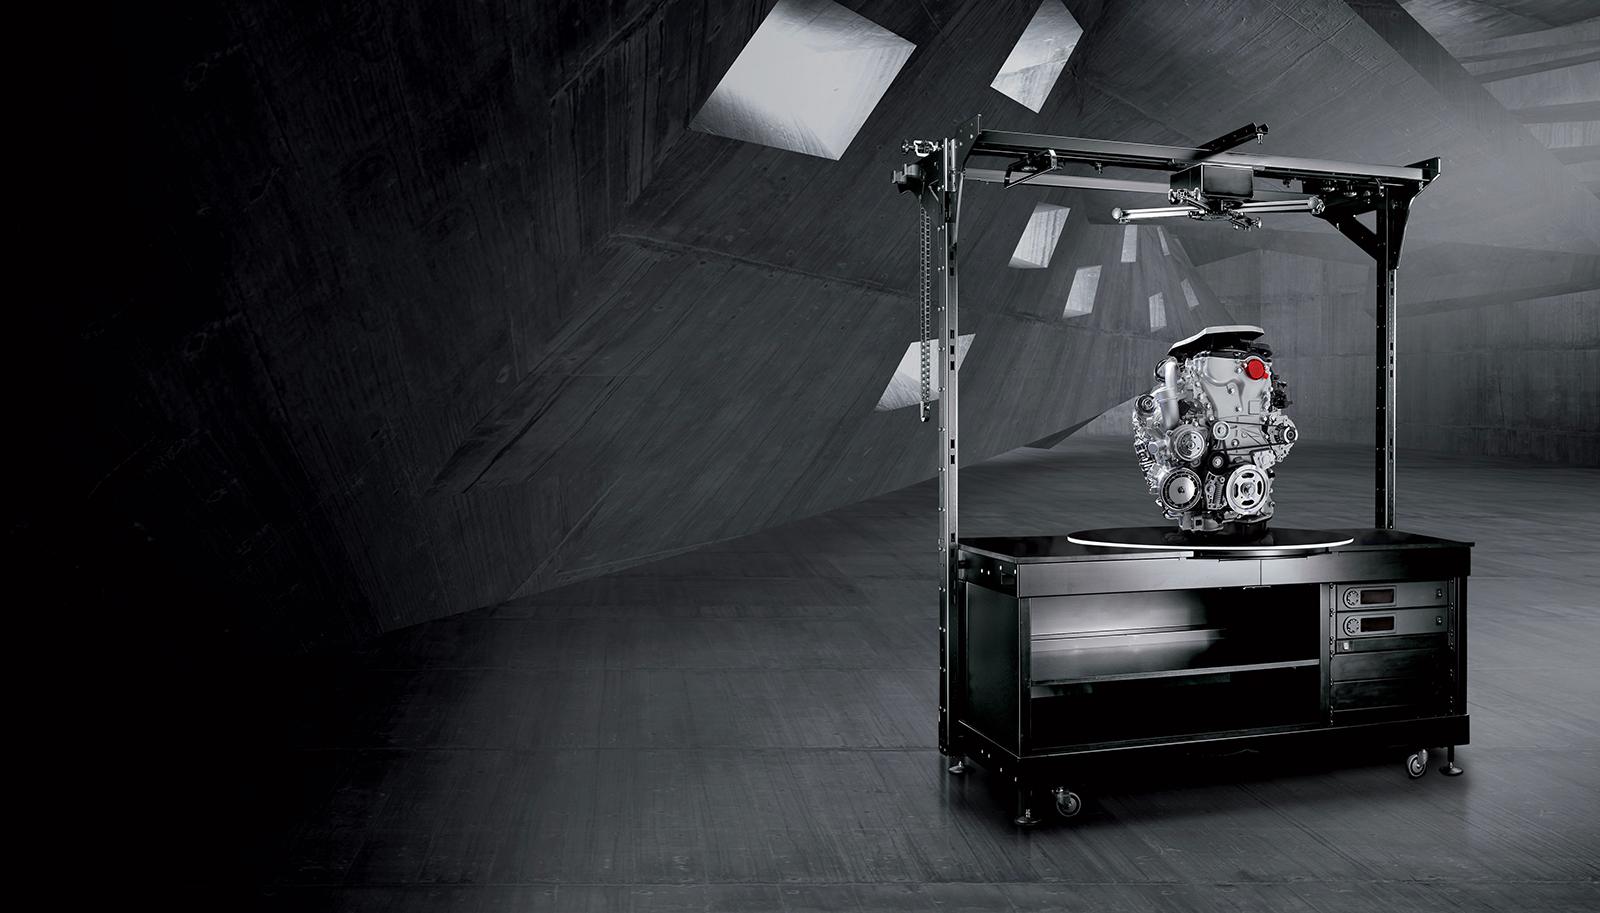 PhotoRobot raskeveokite robootikalaud pildistatud automootoriga